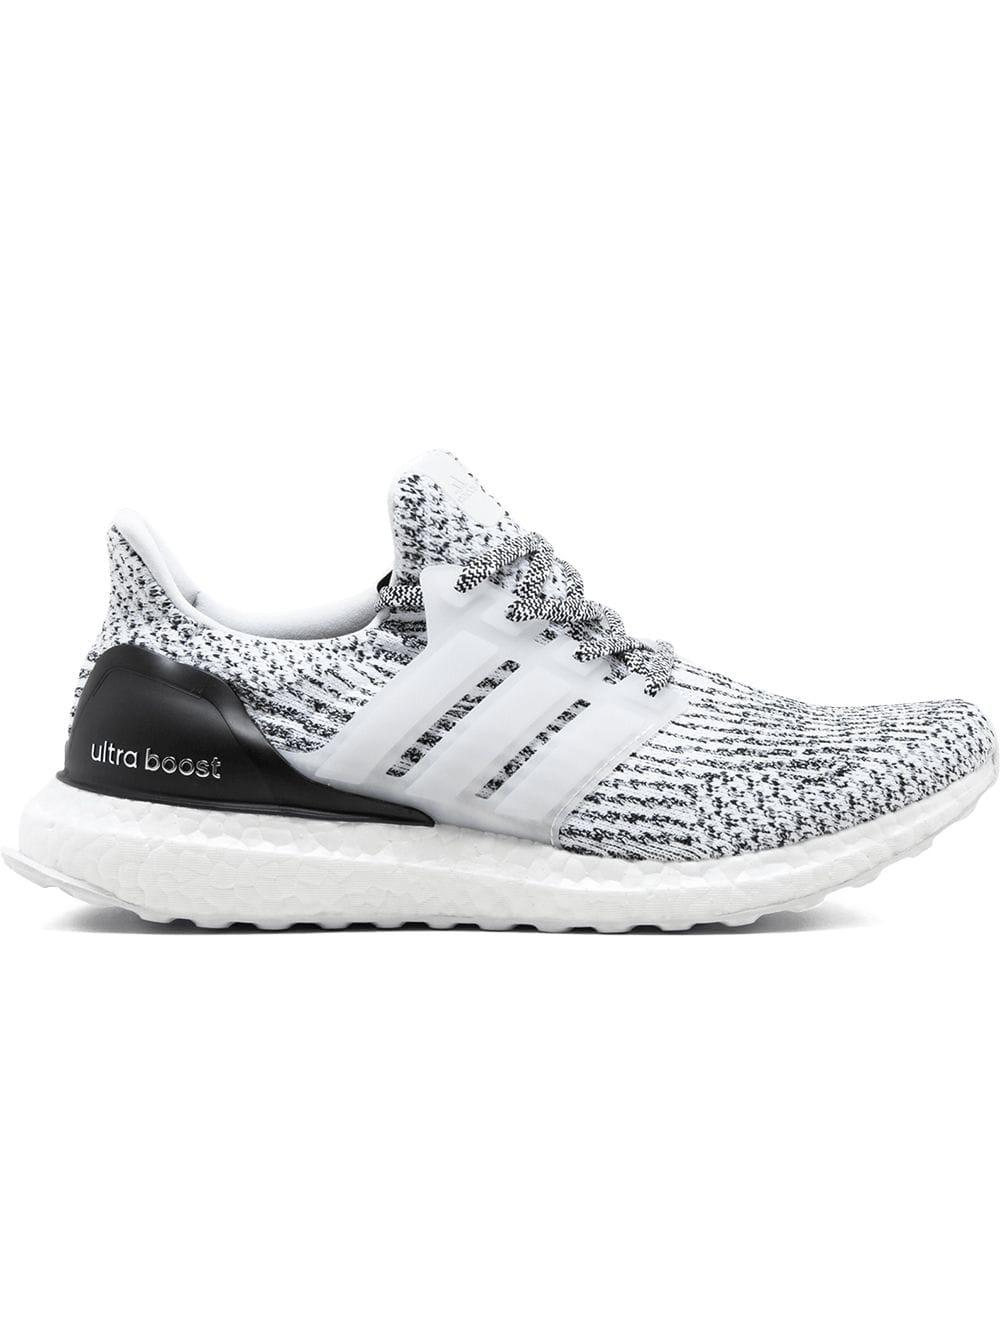 0085686e Adidas кроссовки 'UltraBOOST' - Glami.ru